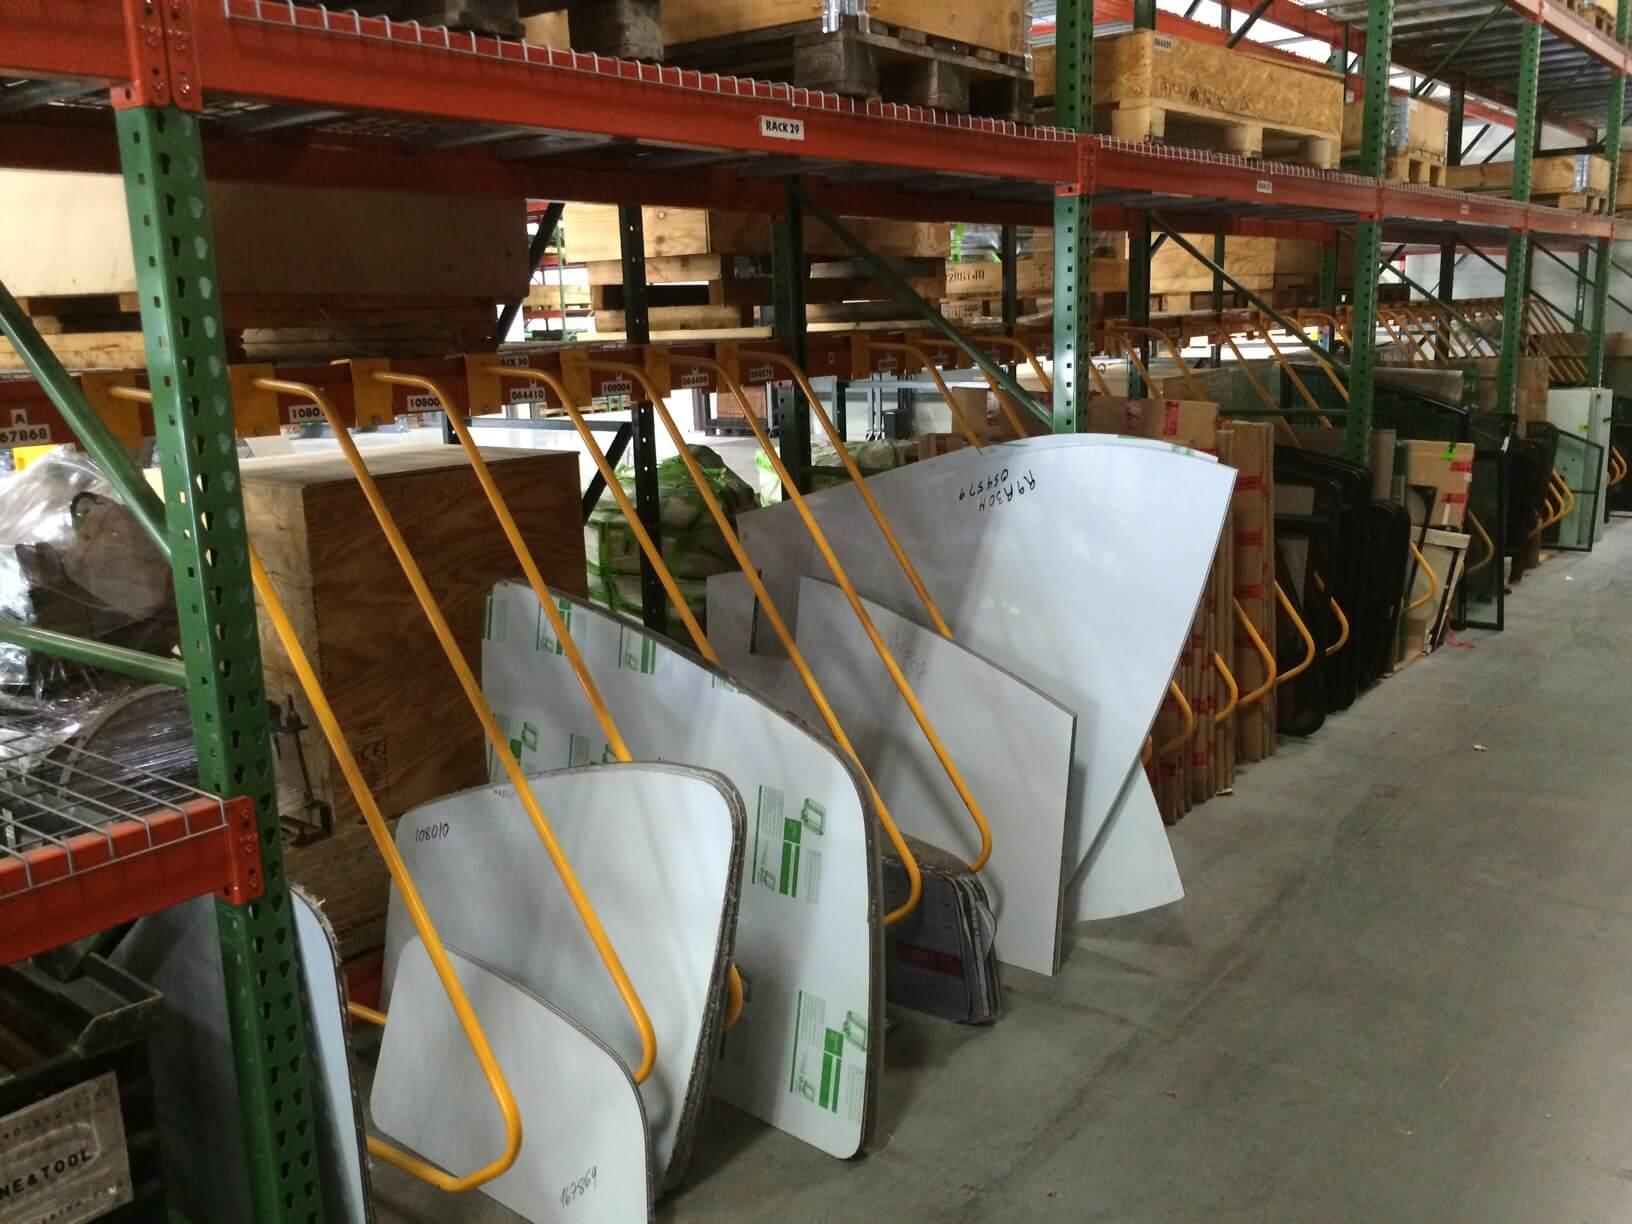 Pallet Rack Bay D Divider by EGA Products